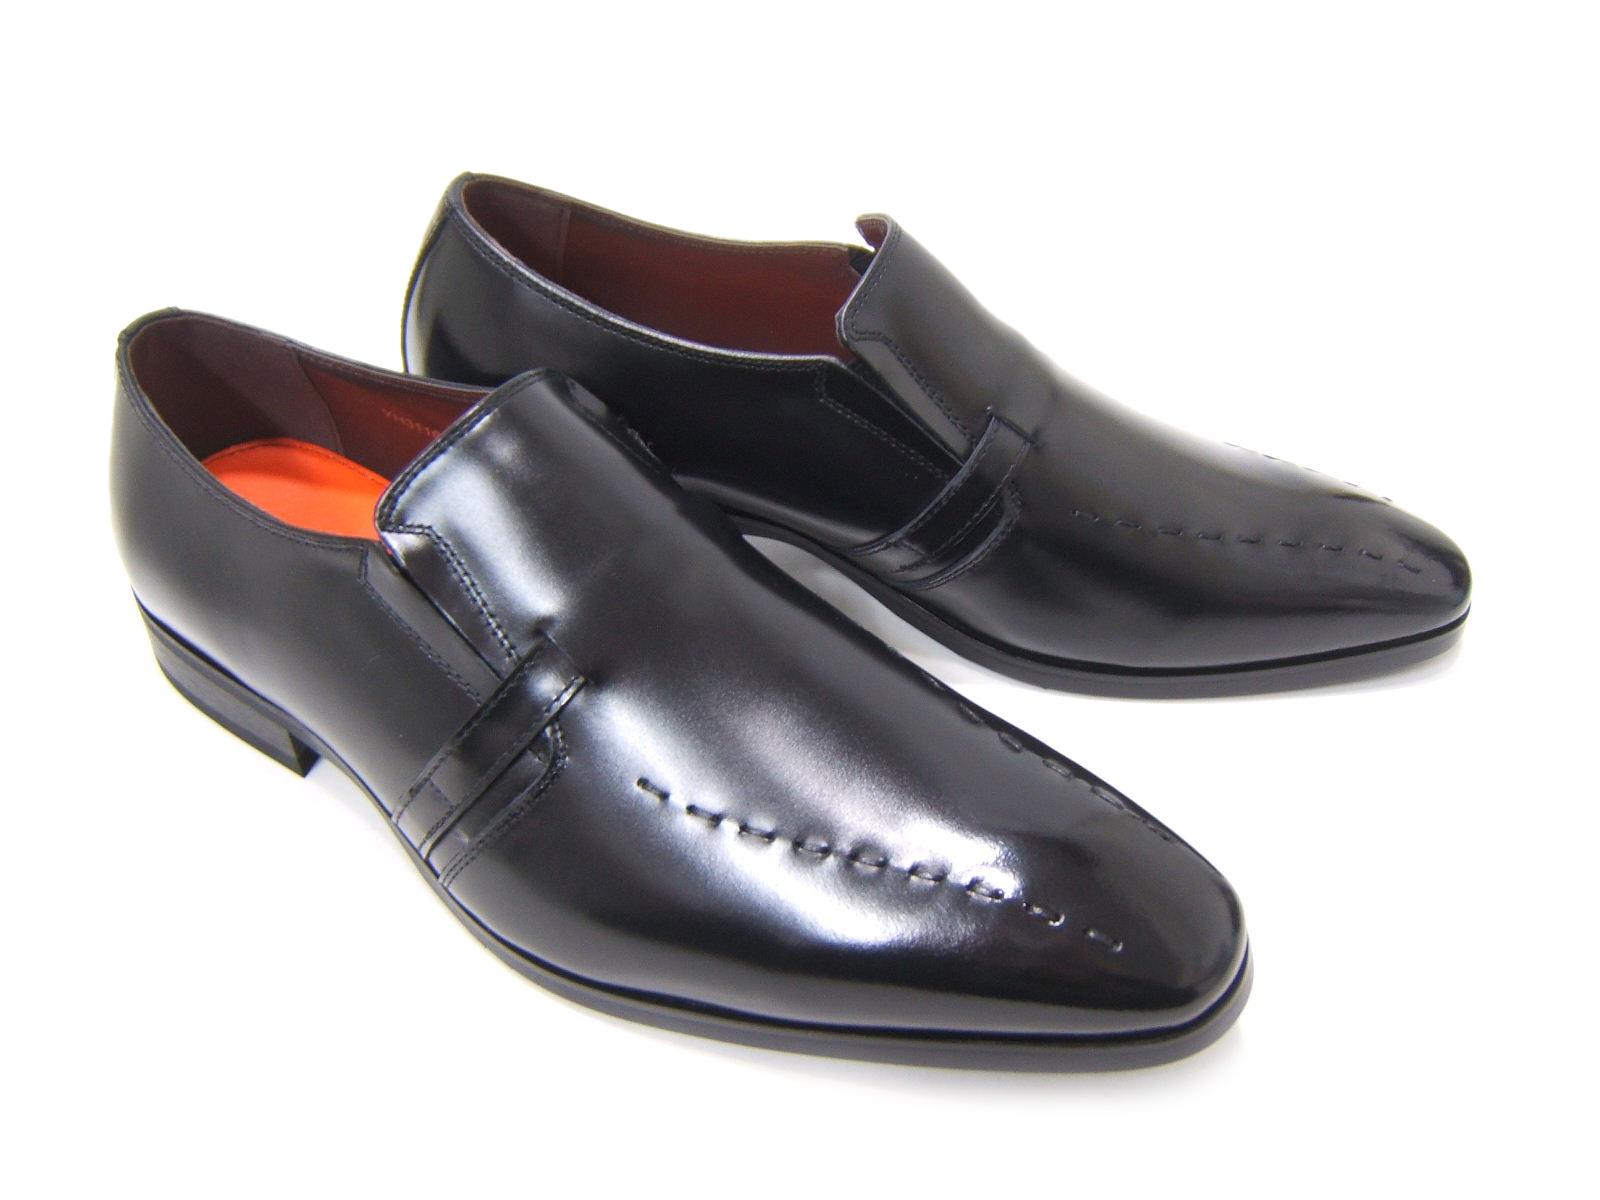 上品で遊び心ある大人の紳士ビジネスシューズ!YUKIKO HANAI/ユキコ ハナイ ビジネスYH-3116 紳士靴 ブラック 変形スワールモカ スリップオン 飾り縫い ビジネス 送料無料